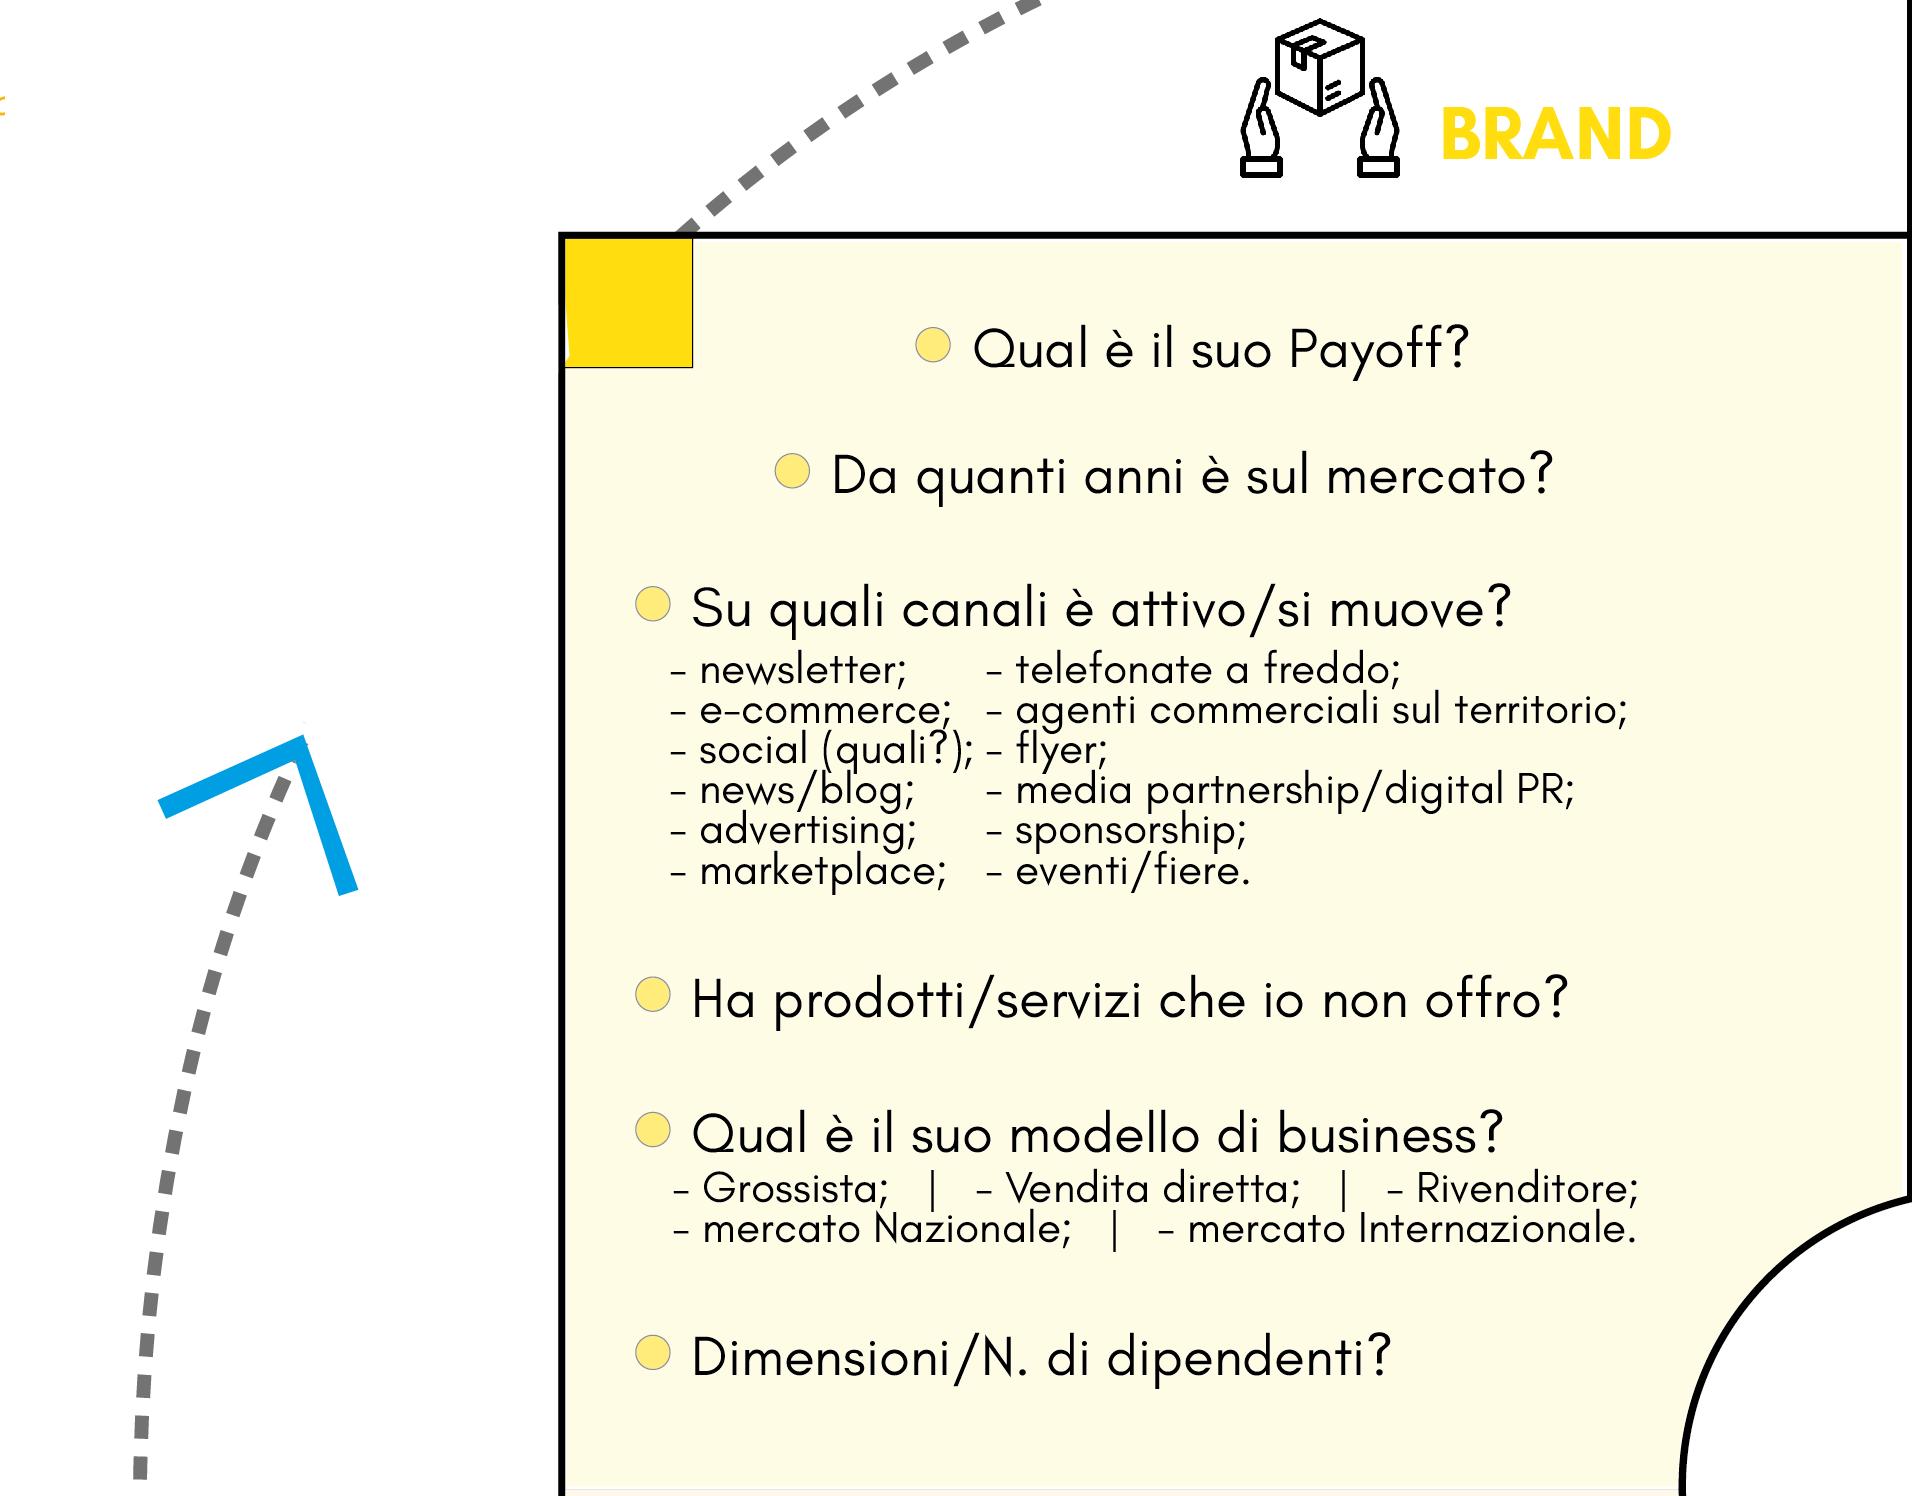 quadrante Brand del modello Competitor Personas